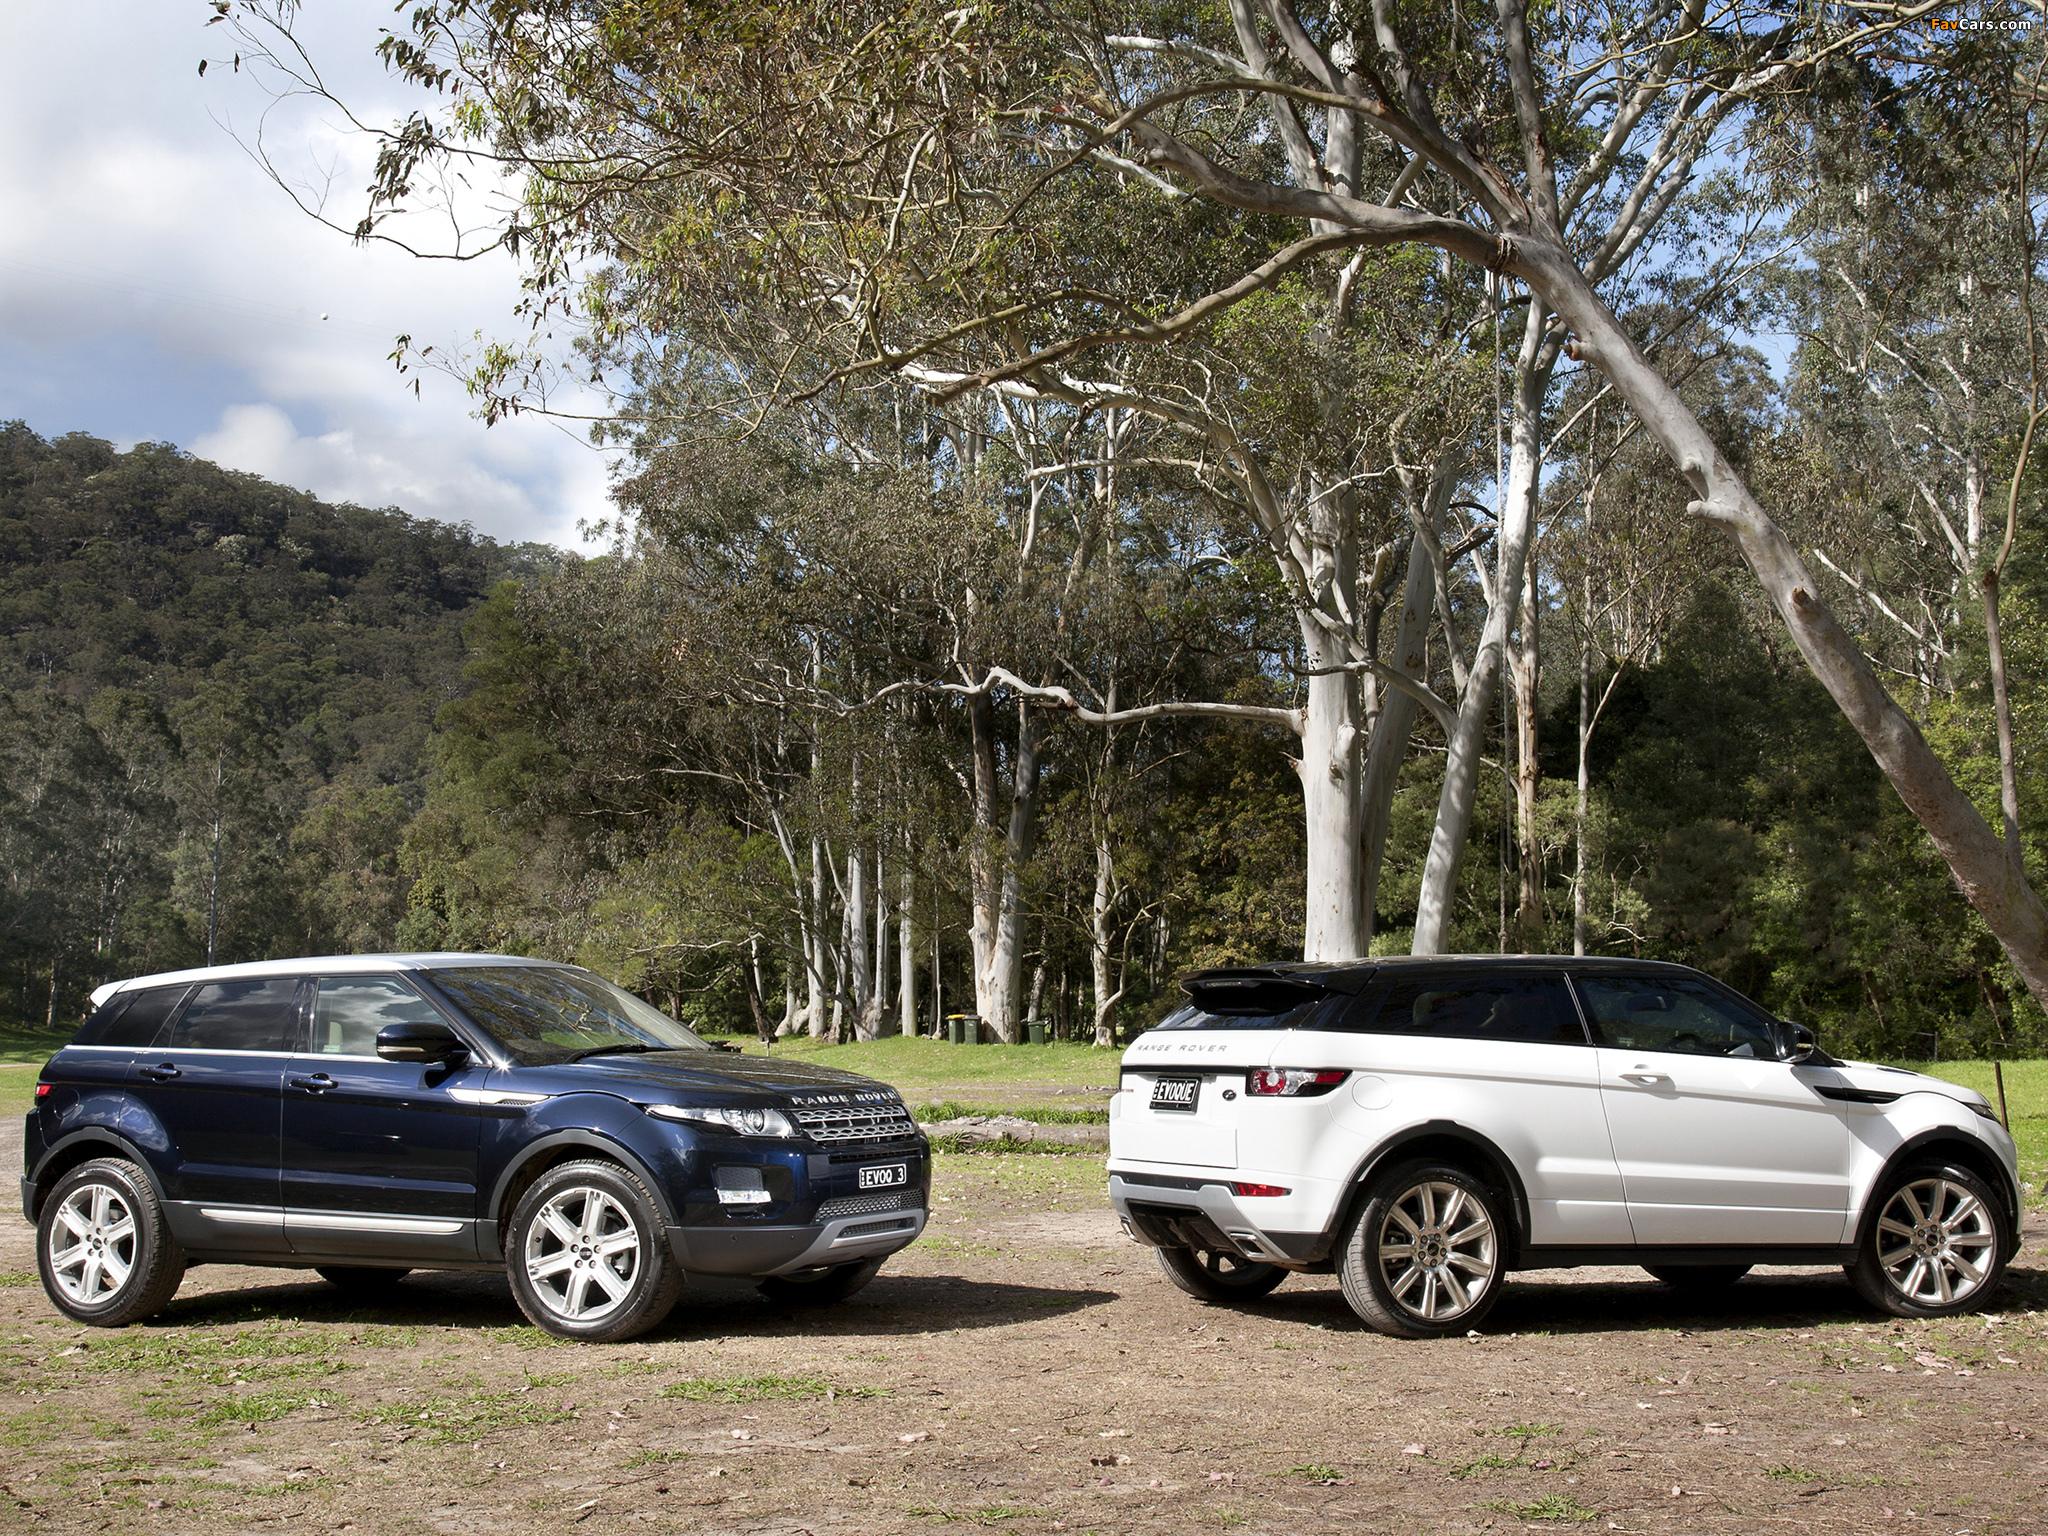 Land Rover Range Rover Evoque photos (2048 x 1536)